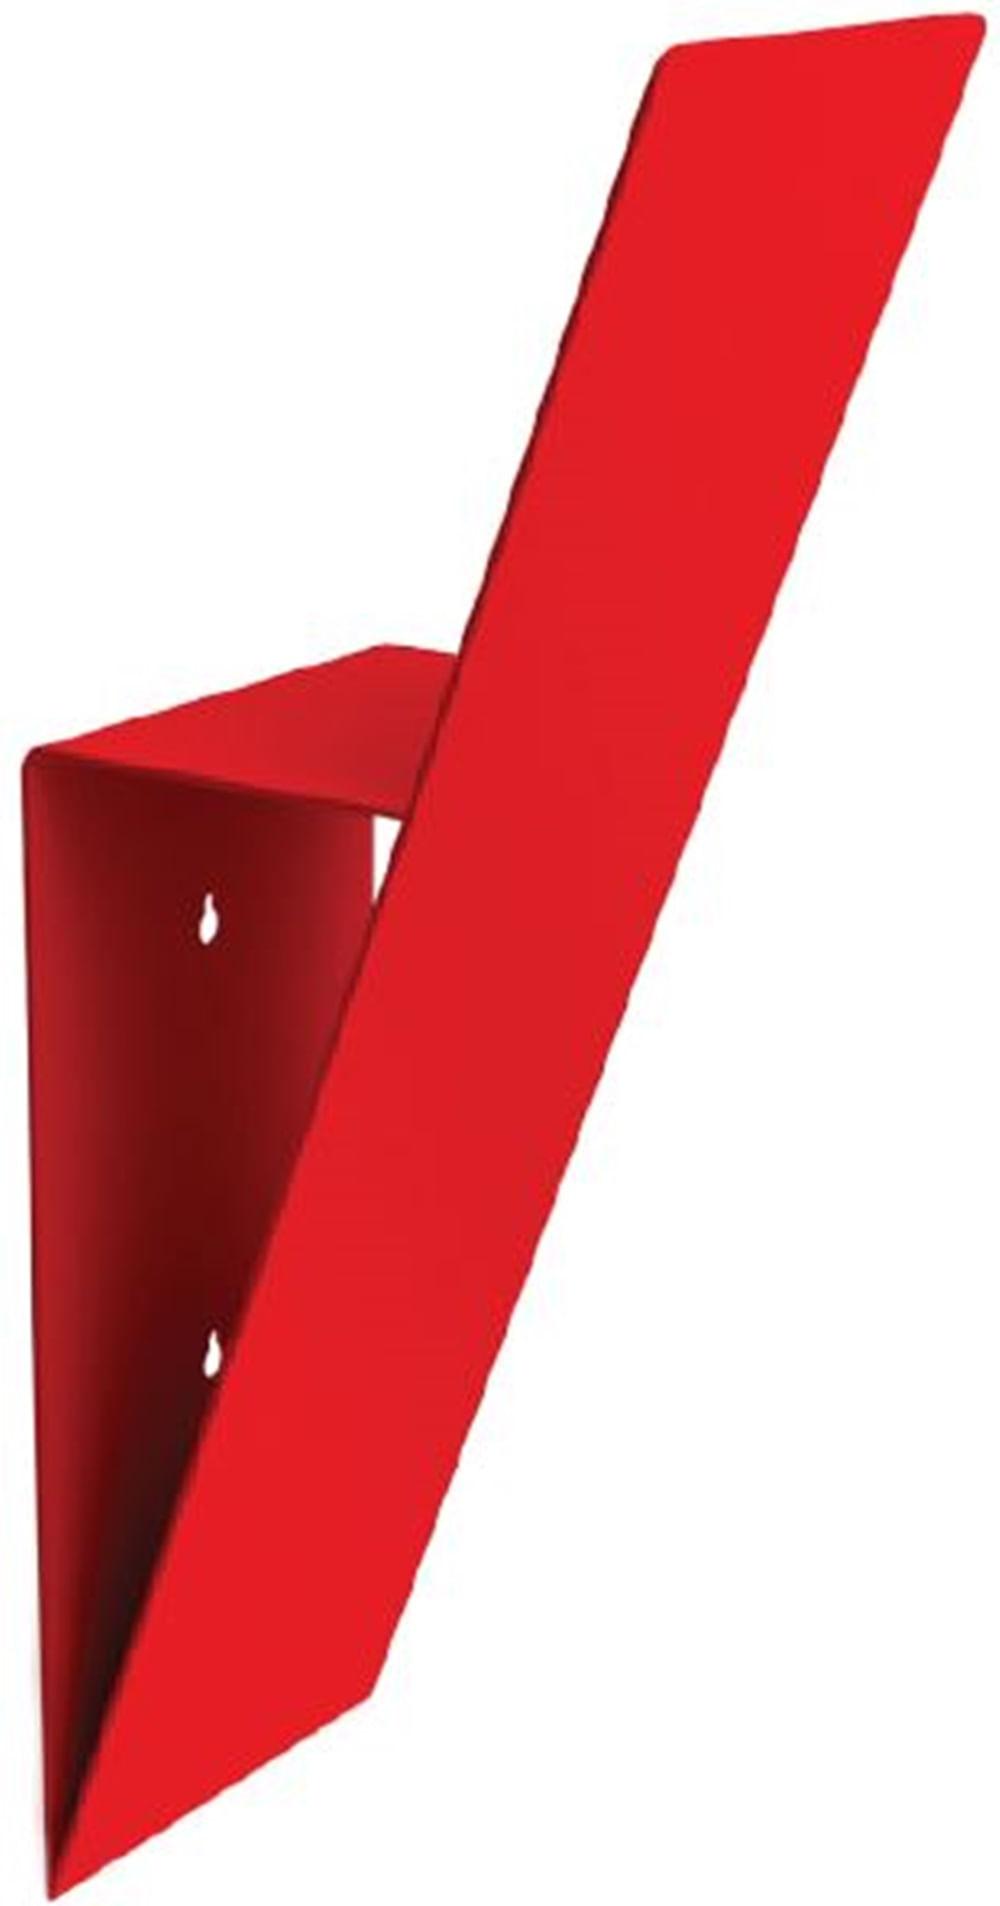 Cabideiro Individuale Estrutura Aco Pintado Vermelho 43 cm (ALT) - 40674